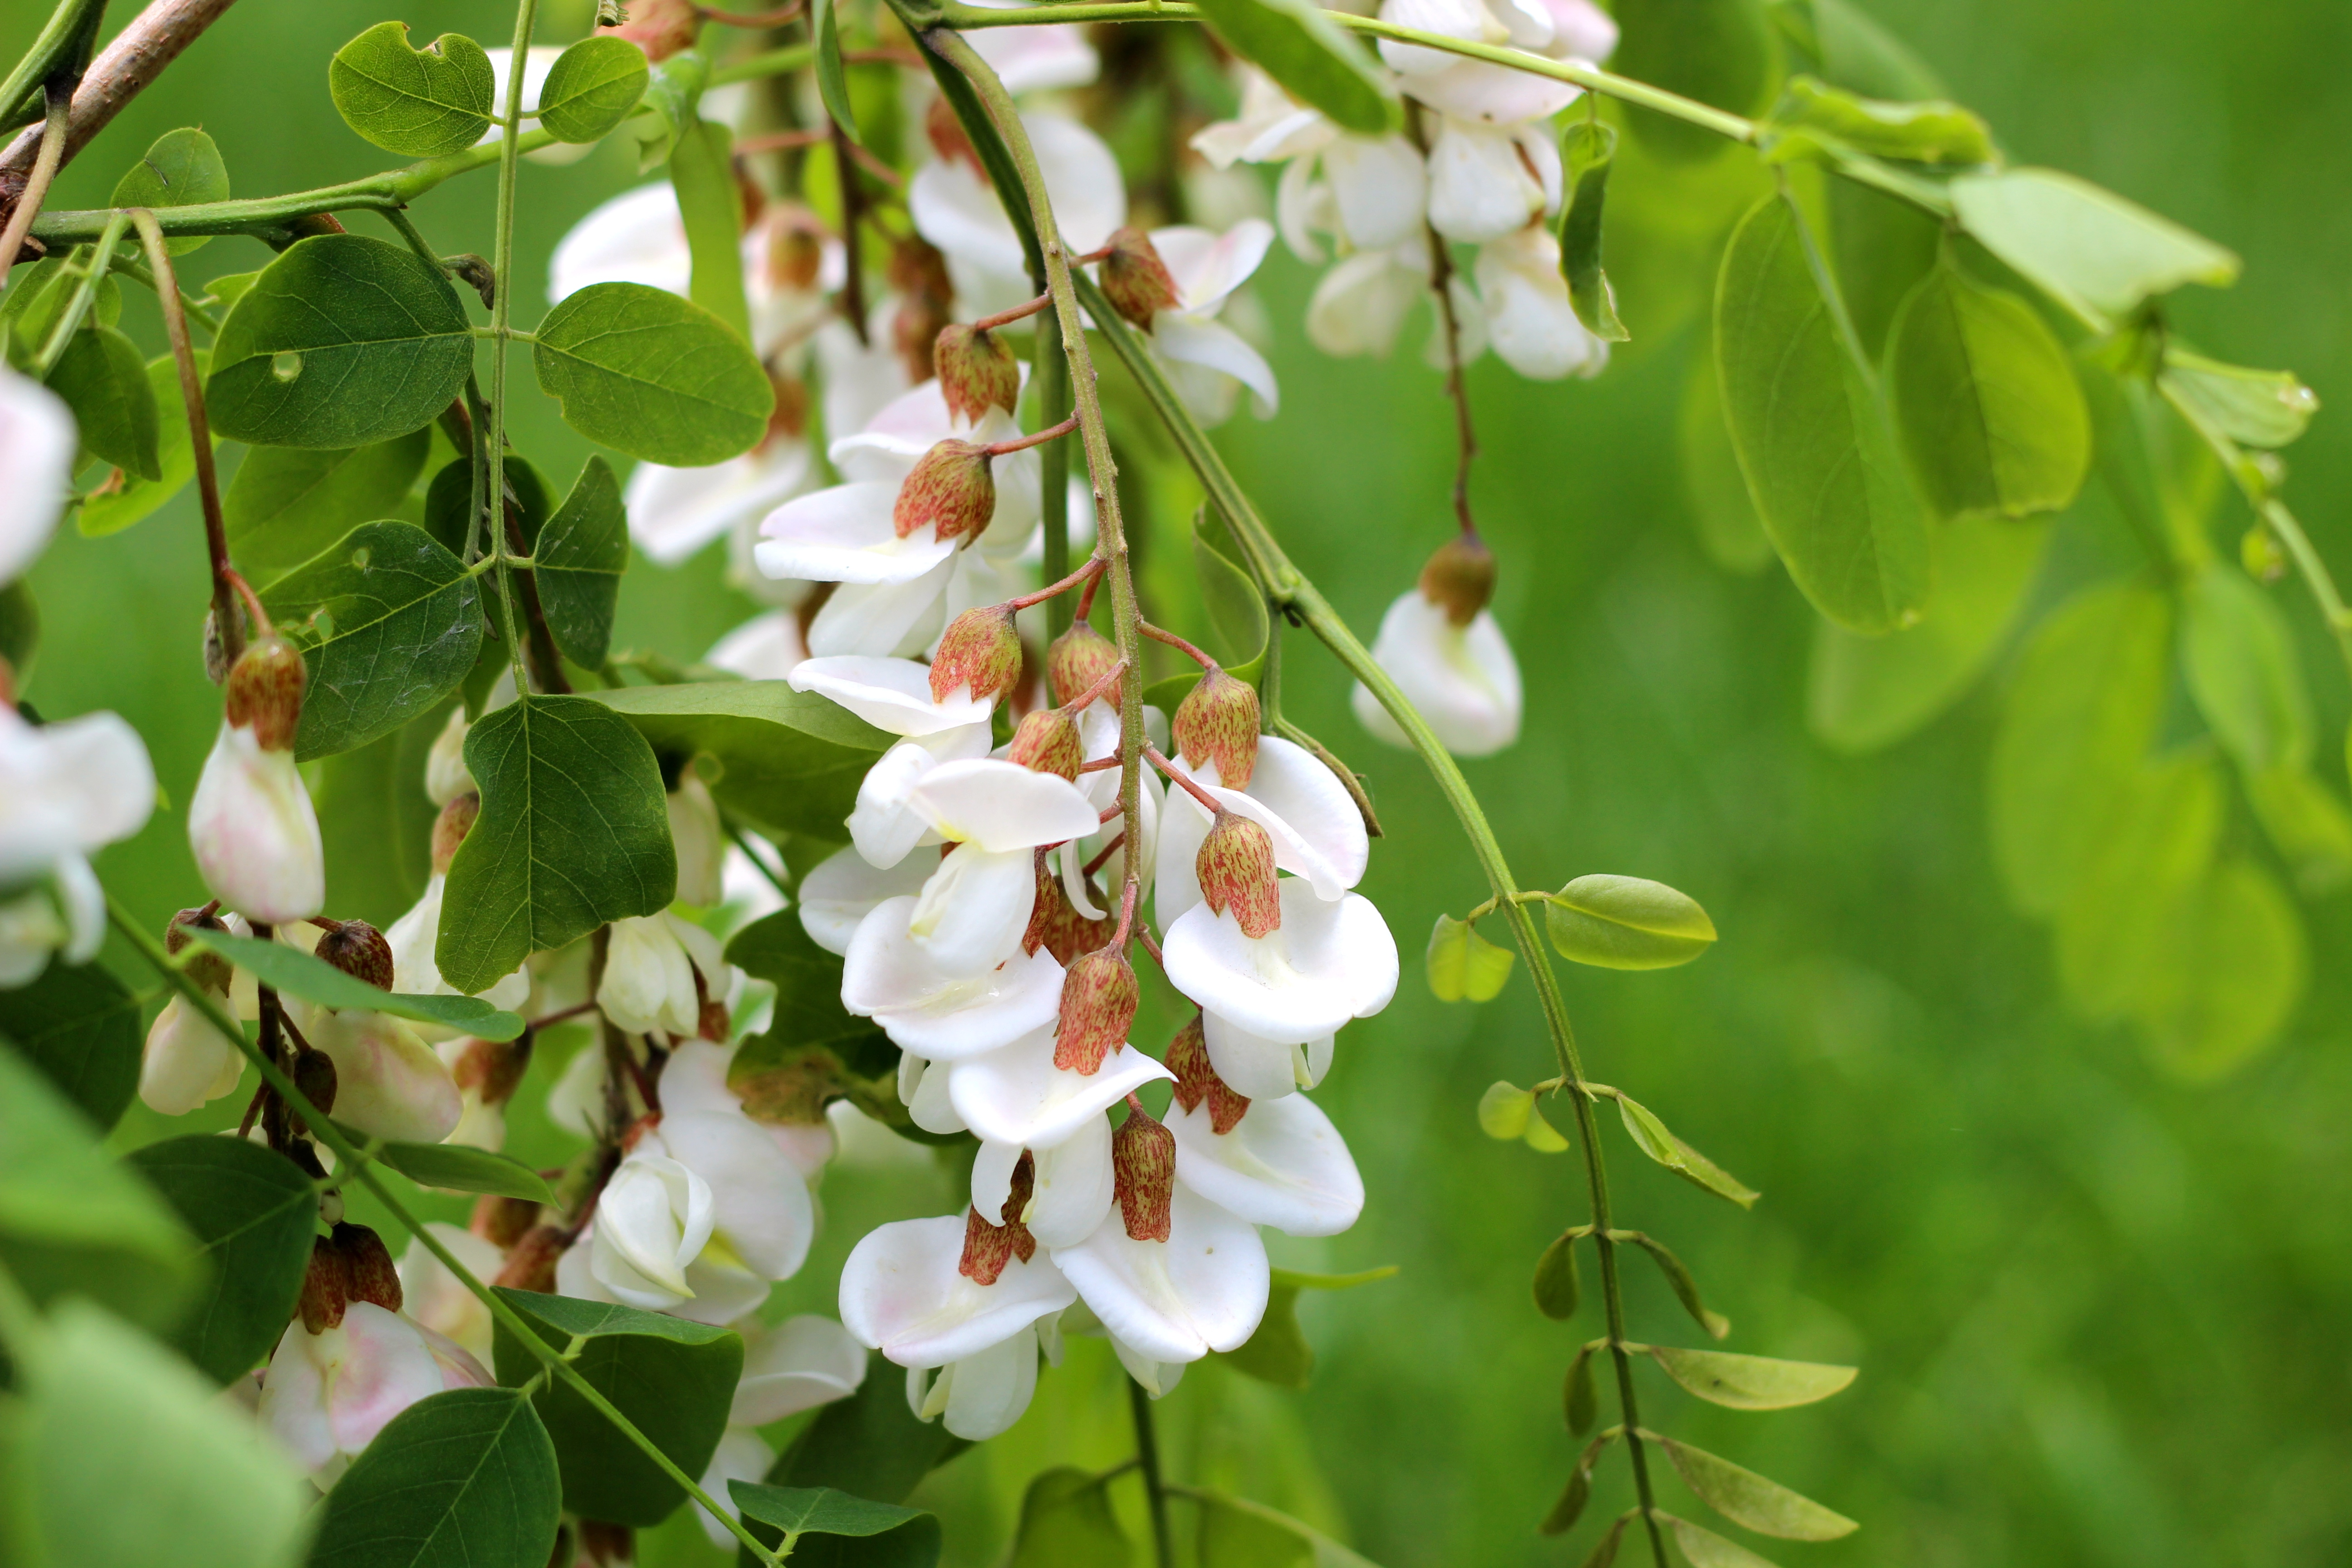 Florile de salcam – mai mult decat frumos mirositoare